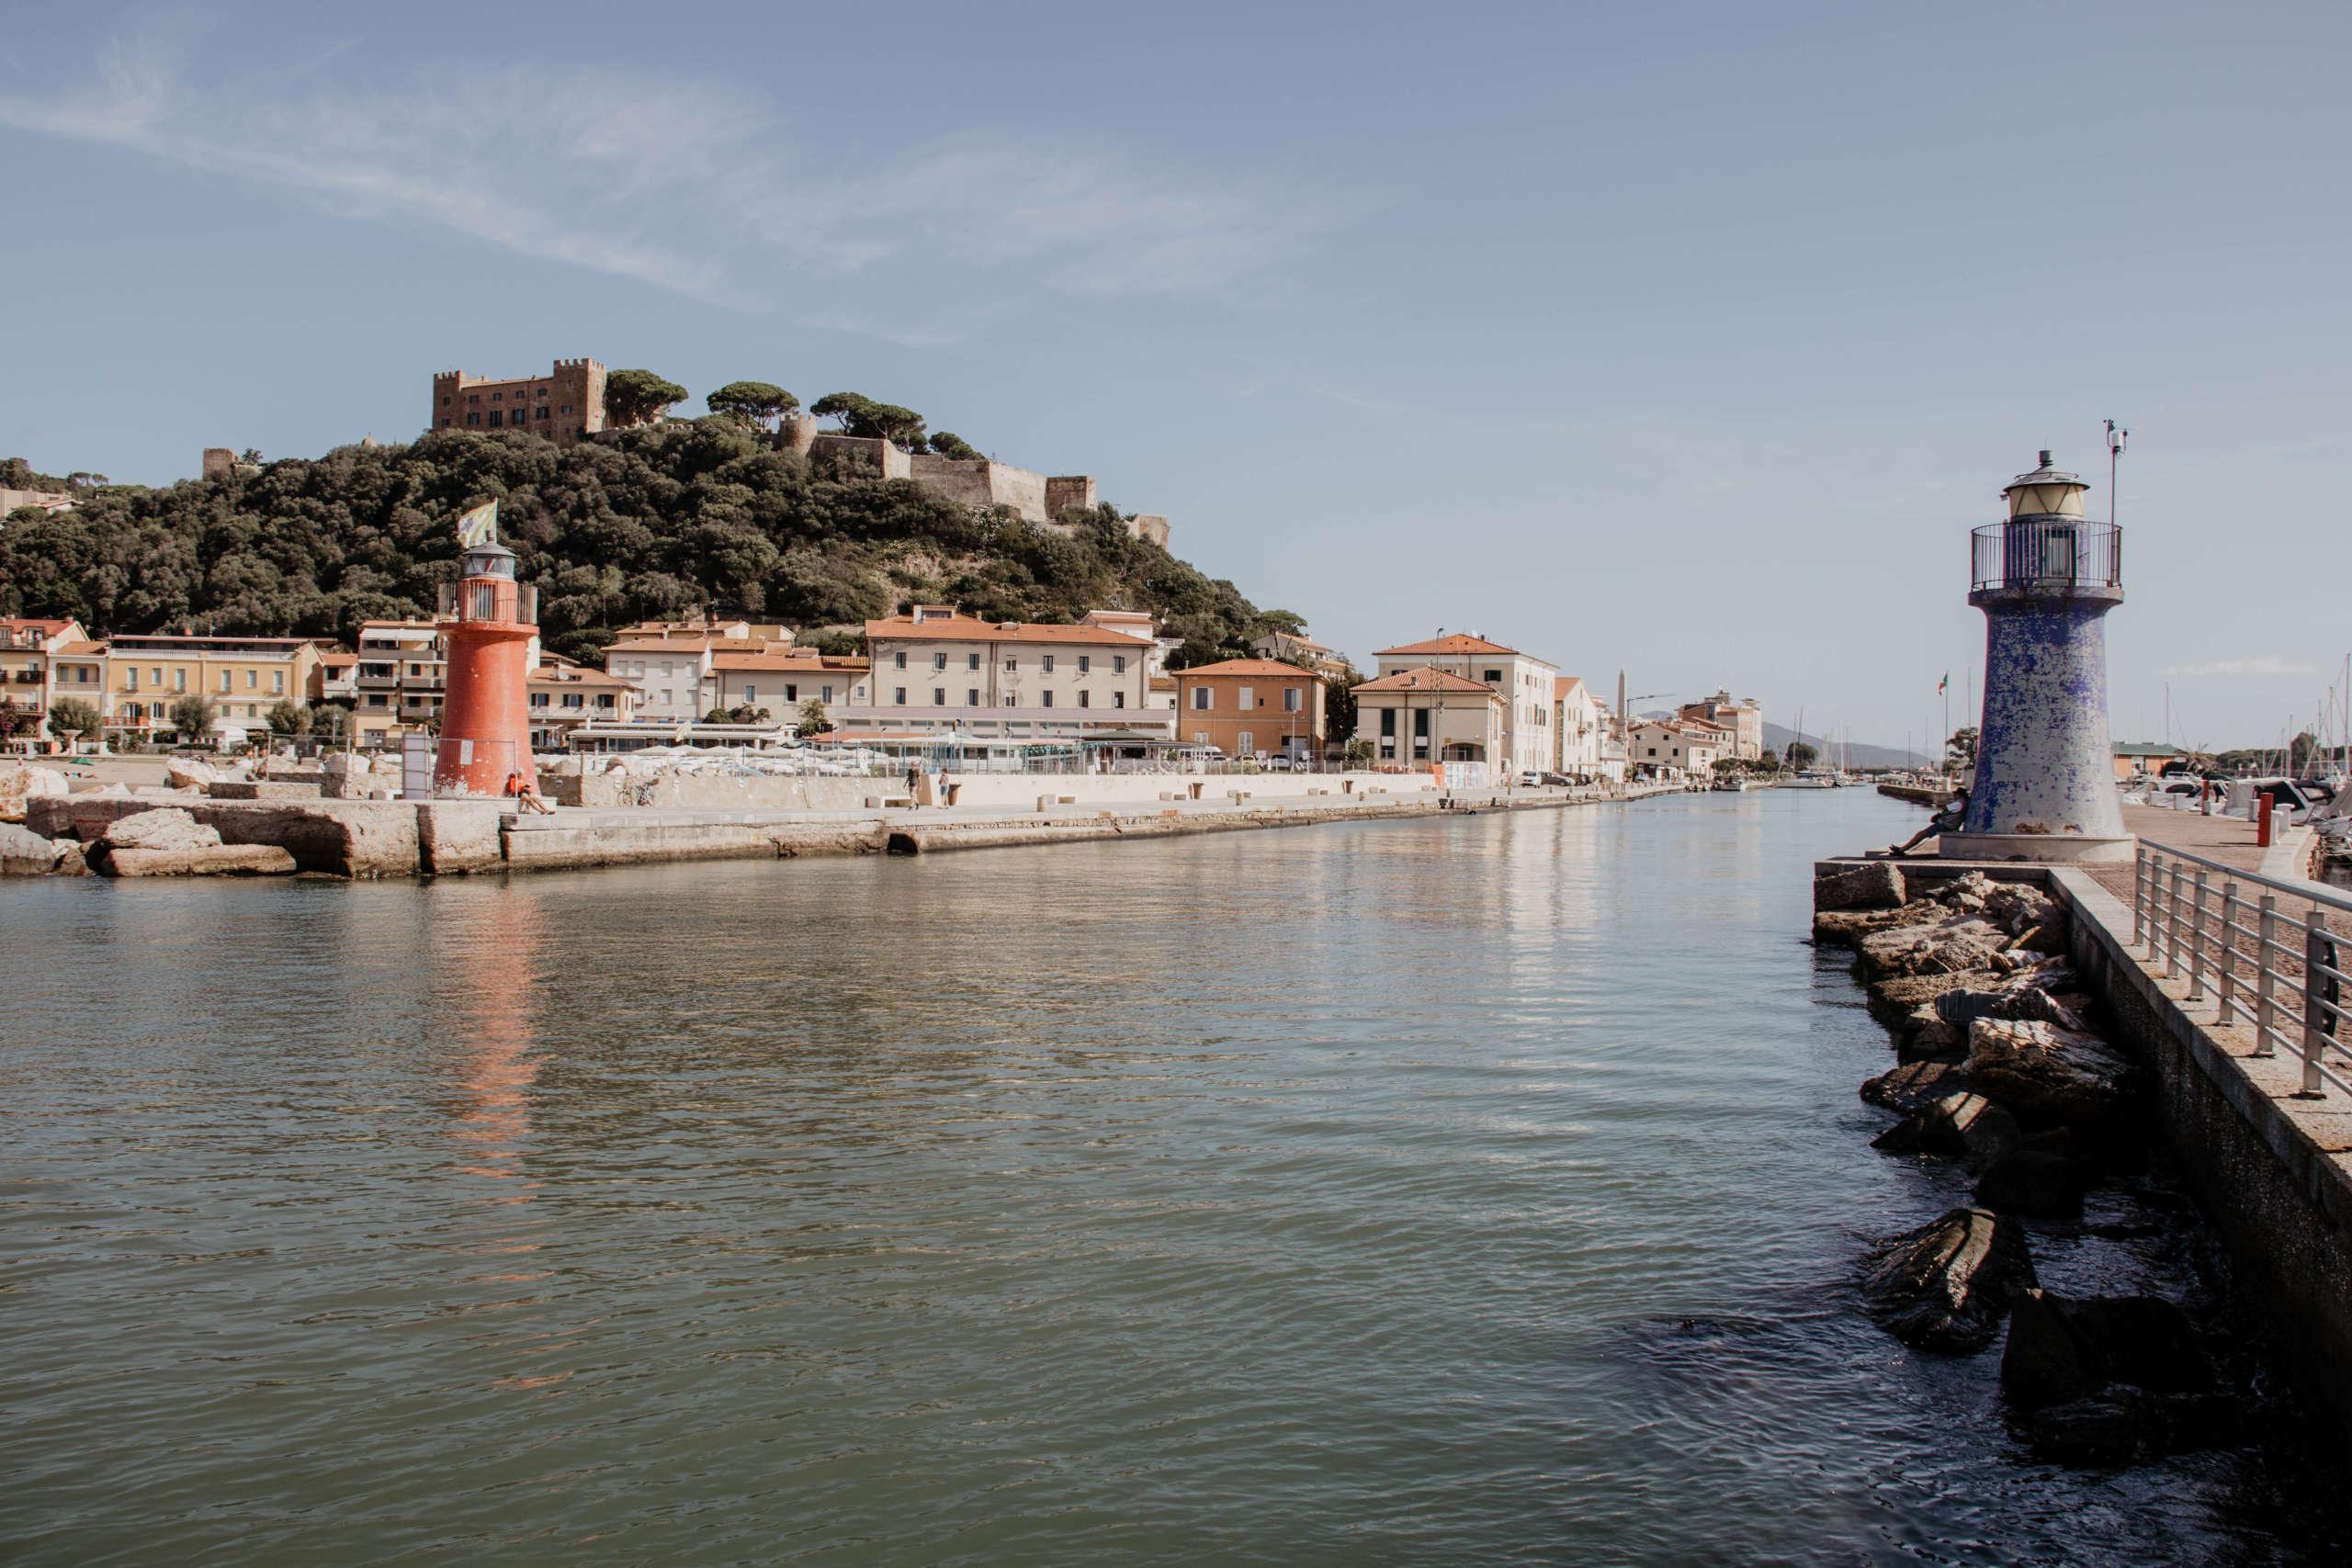 Über dem toskanischen Küstenort Castiglione della Pescaia thront eine mittelalterliche Burg, die vom Hafen mit seinen beiden Leuchttürmen aus gut zu sehen ist.